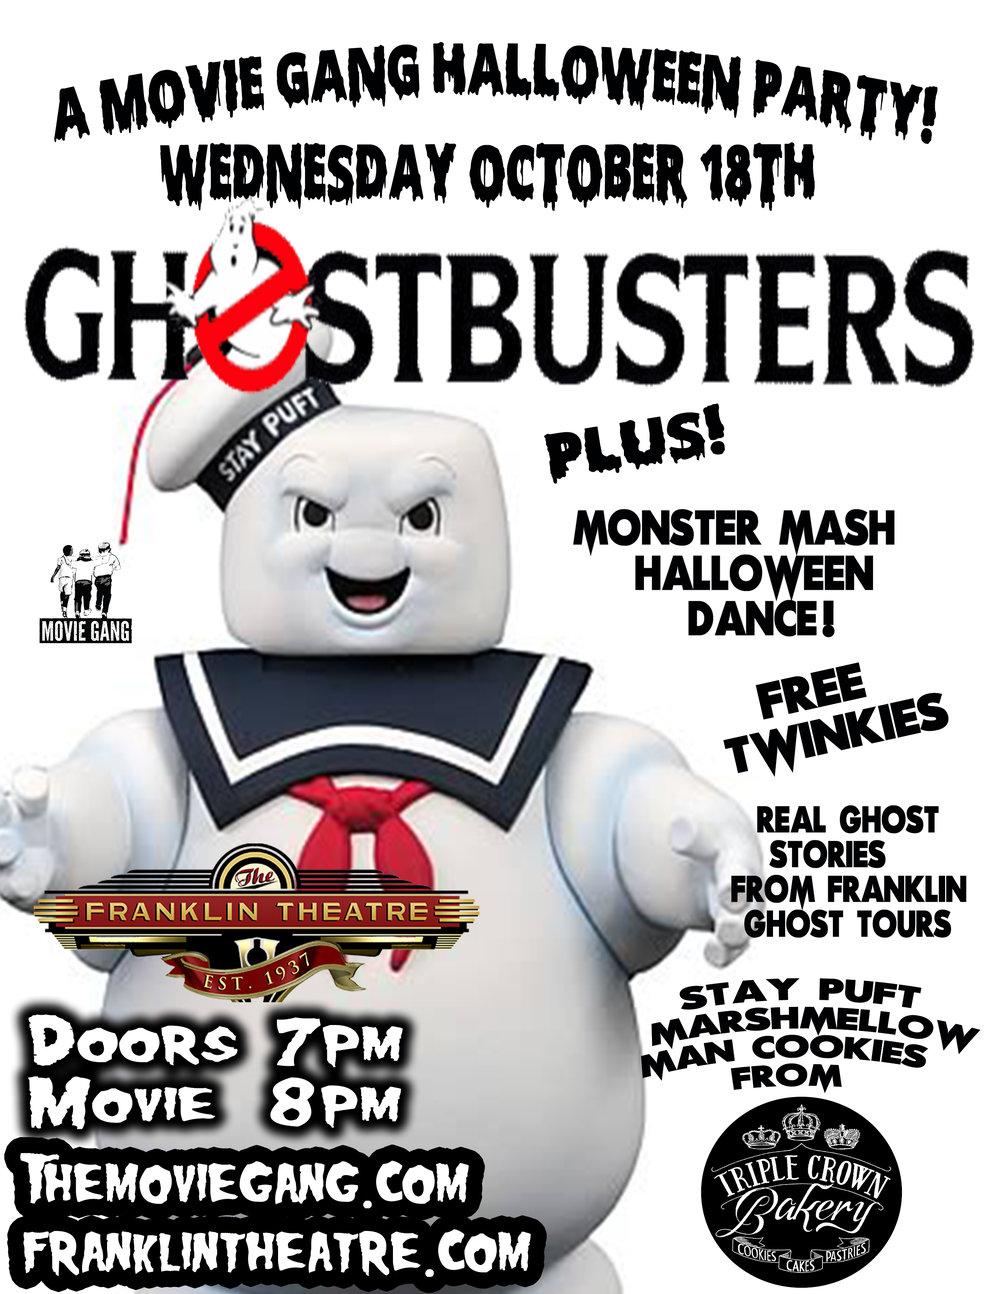 Ghostbusters 2.jpg